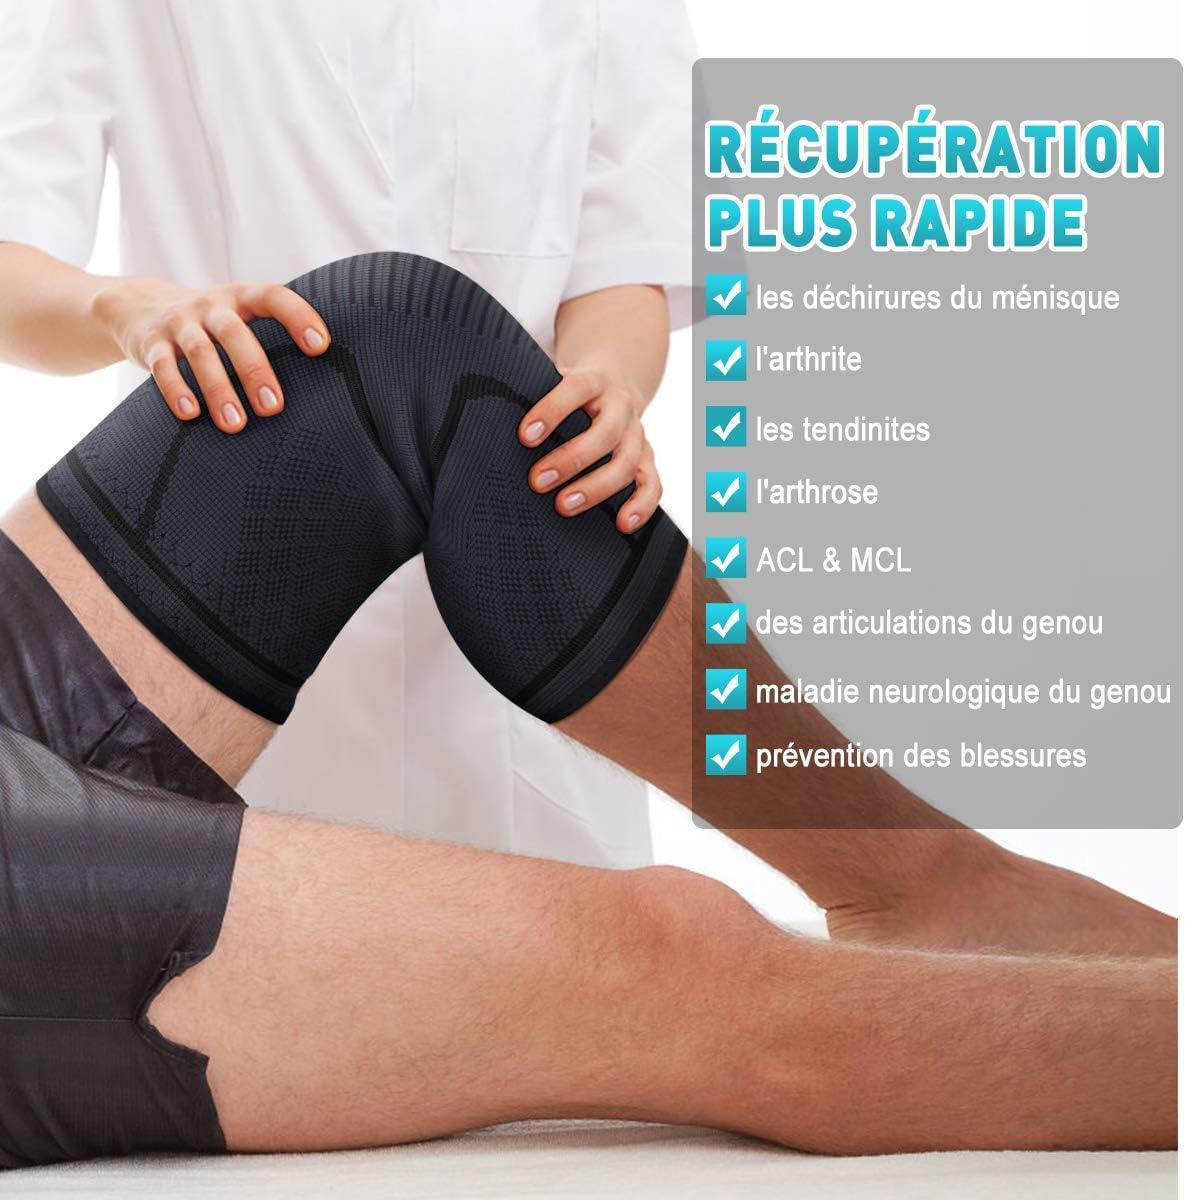 Rugby Course /à Pied Antid/érapant Attelle Genou pour Arthrite Cyclisme Tennis Douleur au M/énisque AVIDDA Genouill/ère Ligamentaire de Maintien Hommes et Femmes